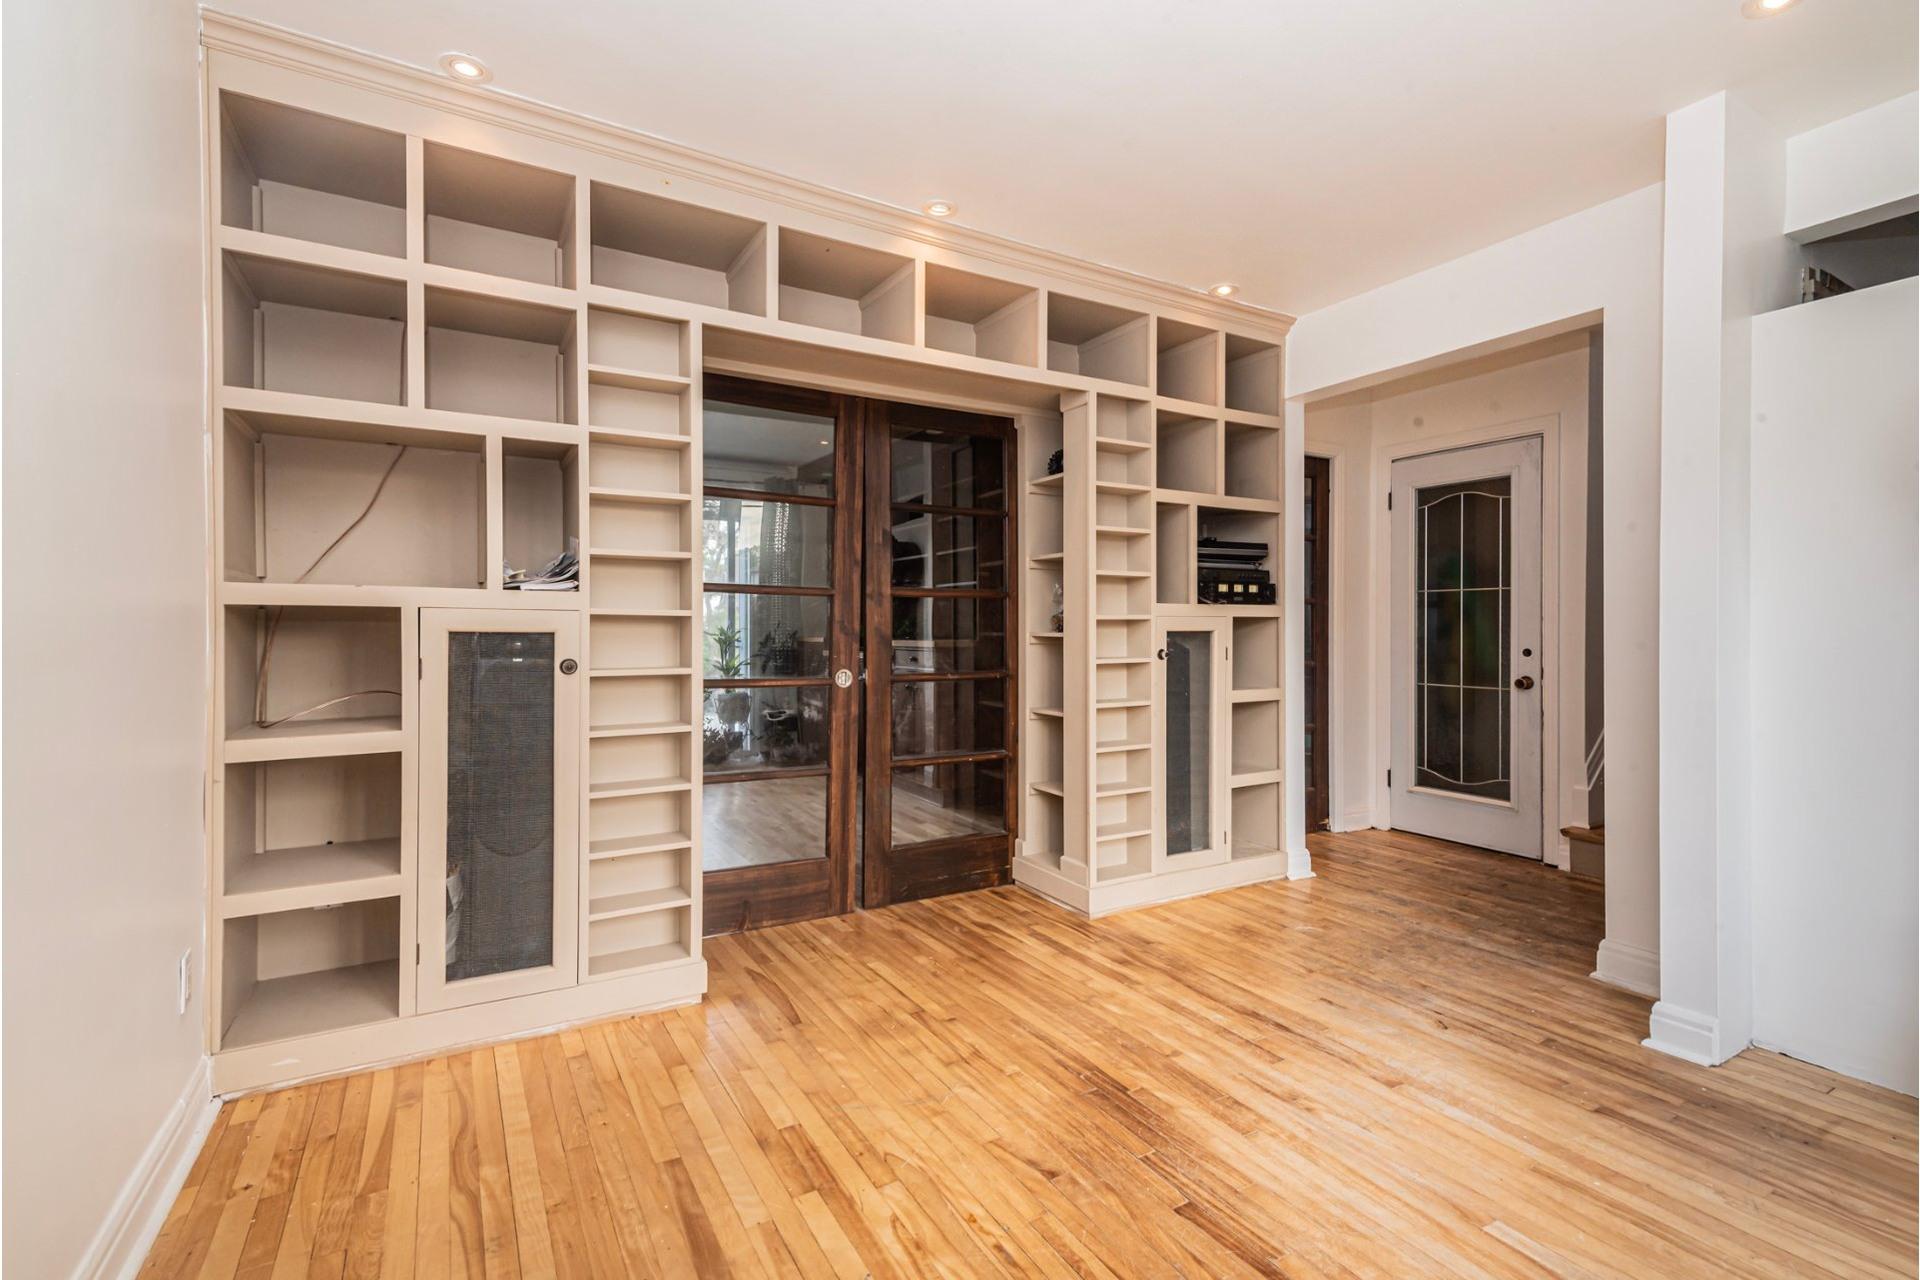 image 8 - House For sale Lachine Montréal  - 12 rooms